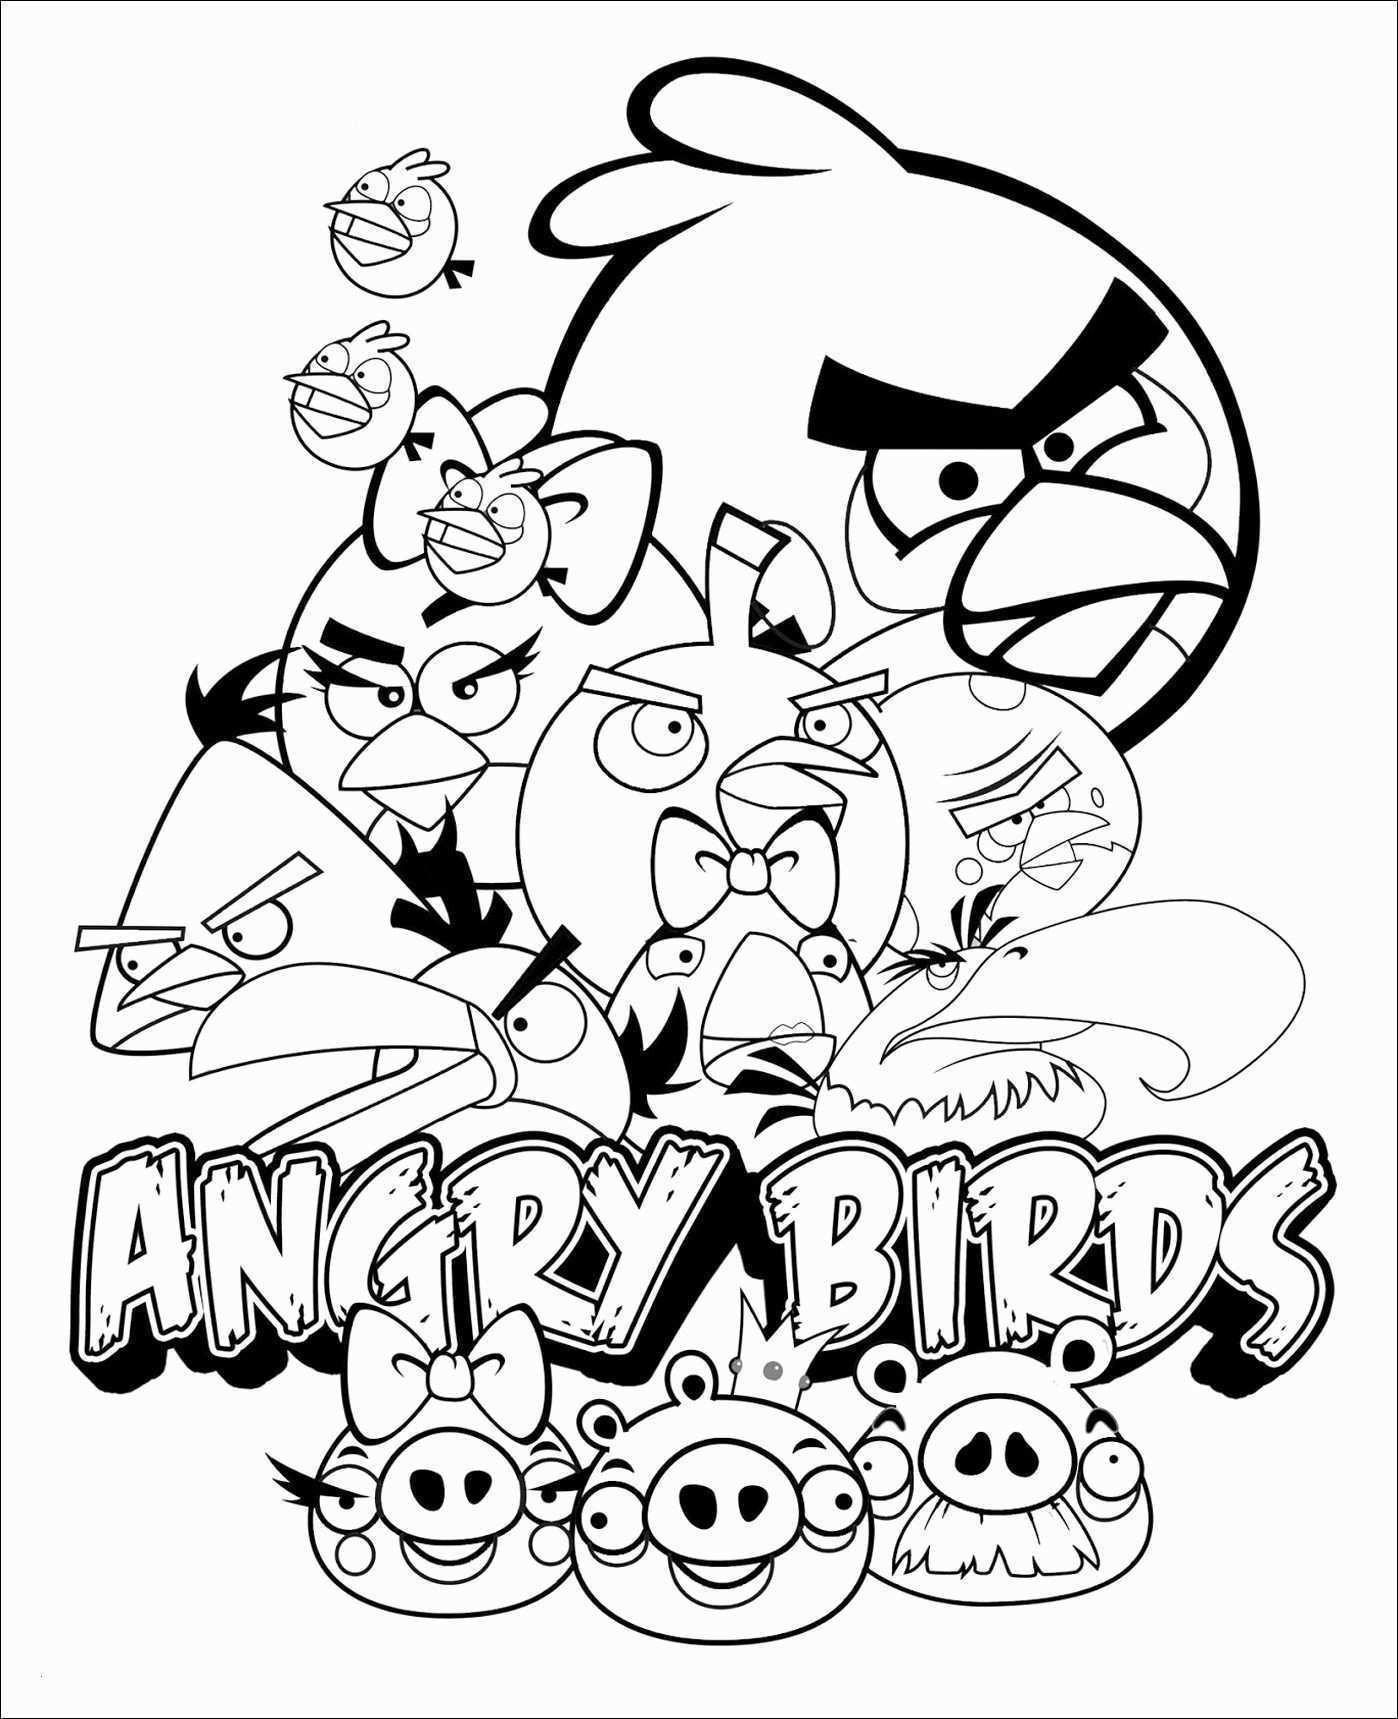 Ausmalbilder Angry Birds Frisch Star Wars Zum Ausmalen Image Unique Angry Birds Star Wars Coloring Sammlung